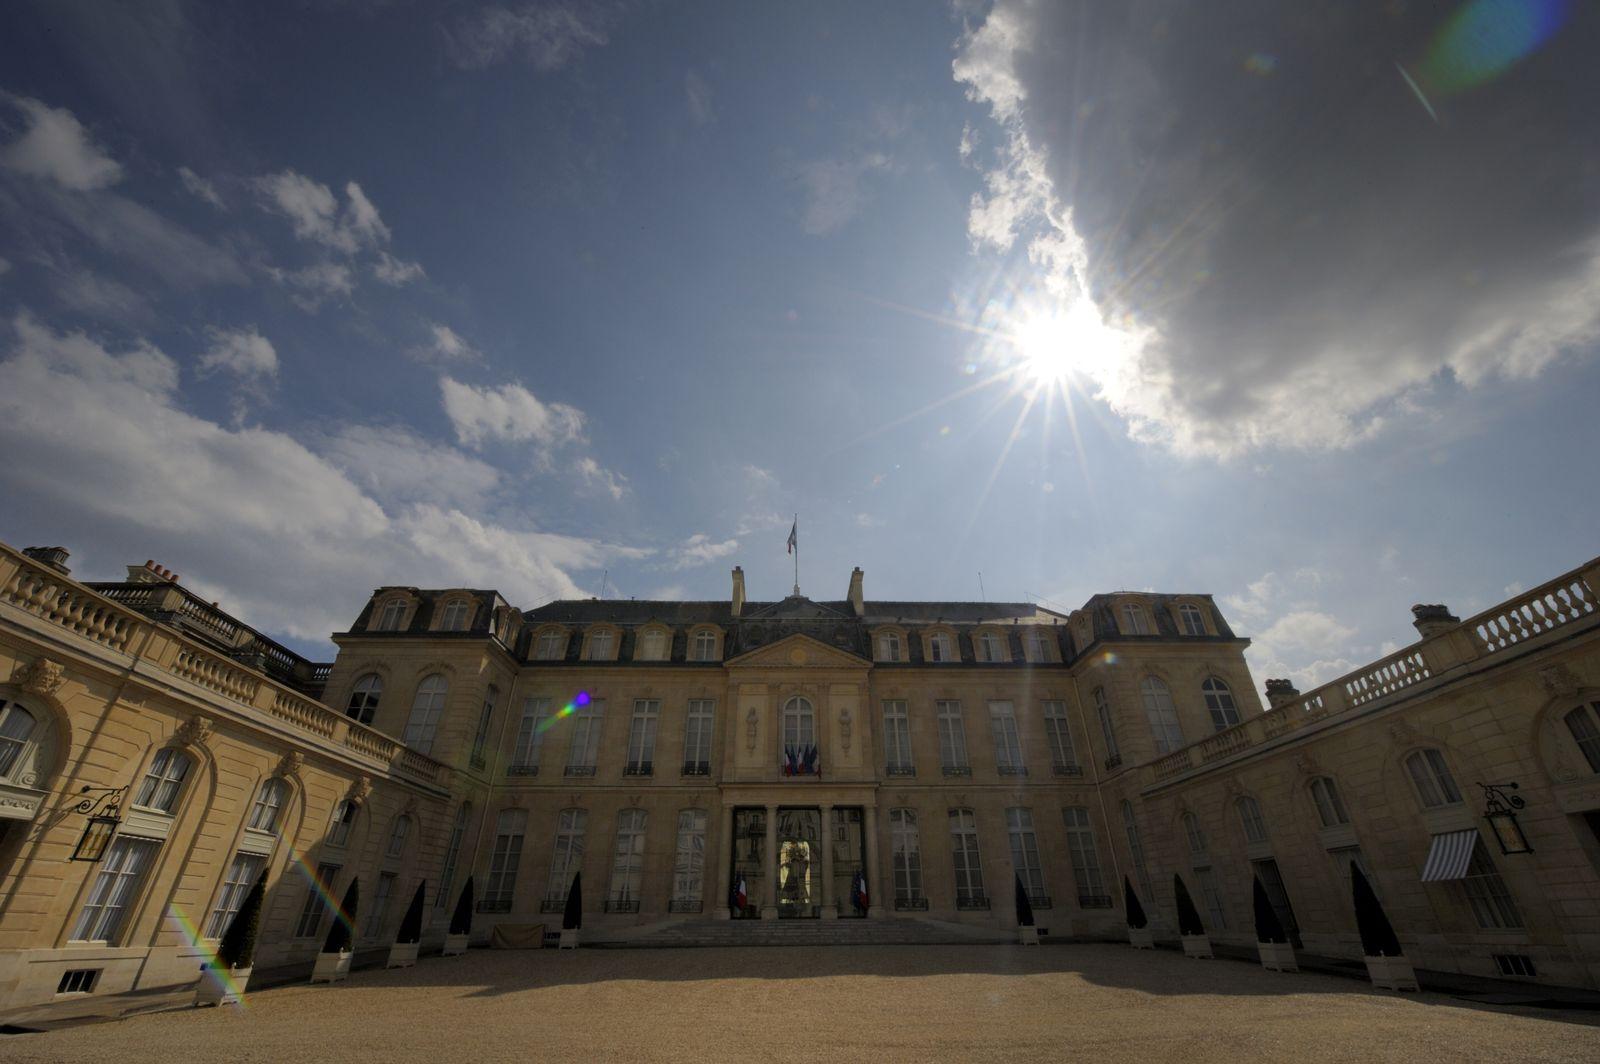 Elysée Palast